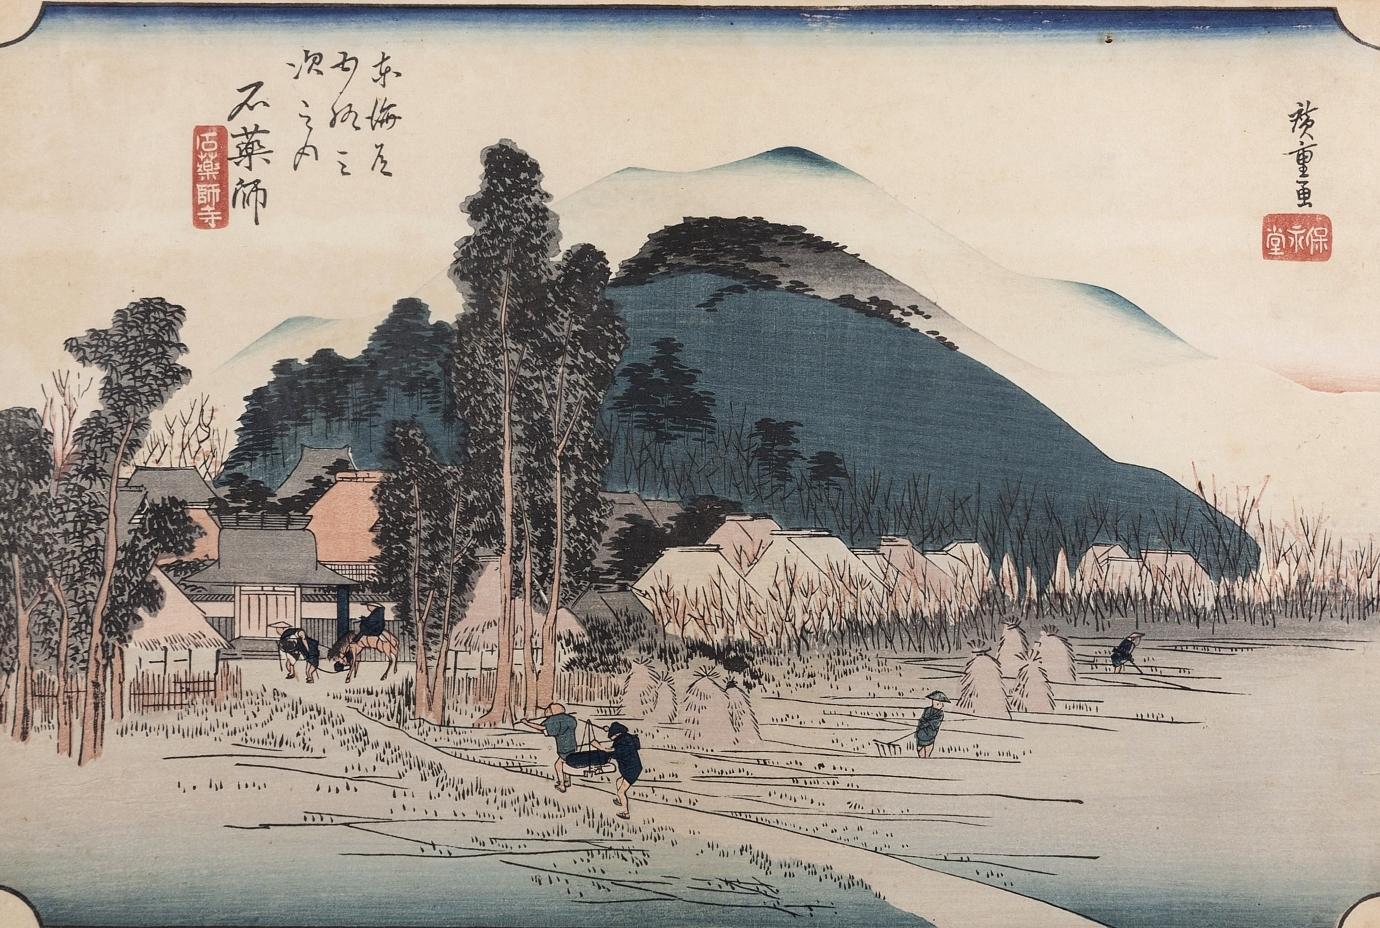 HIROSHIGE ANDŌ (UTAGAWA) (1797 EDO - OBECNIE TOKIO - 1858), shiyakushi-juku, stacja 44 pochodząca z cyklu: Pięćdziesiąt trzy stacje na gościńcu Tōkaidō.